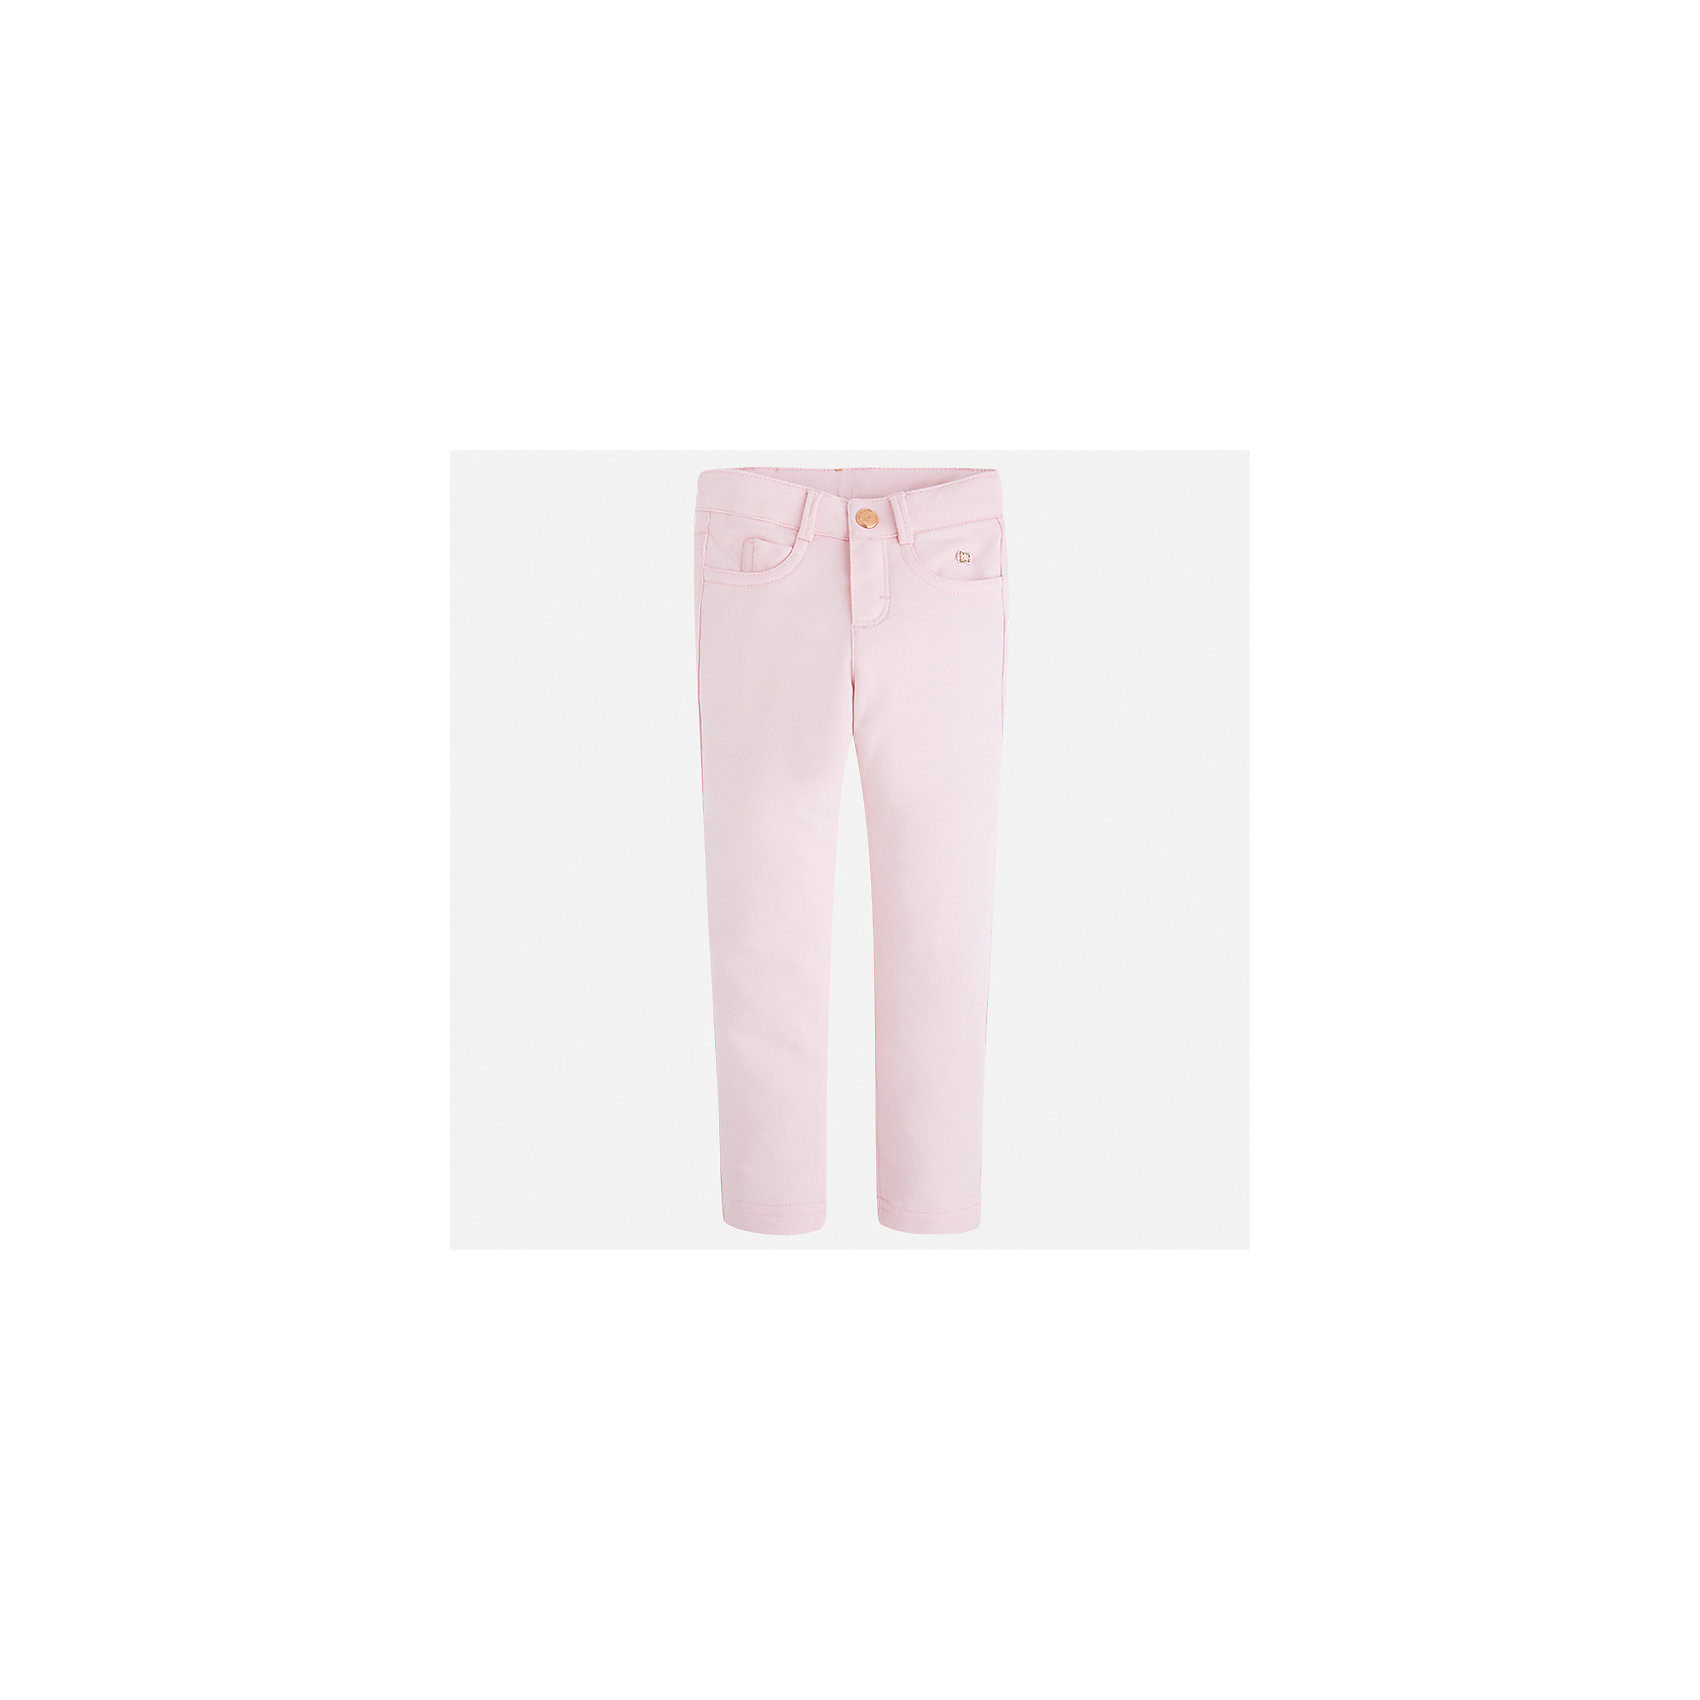 Леггинсы для девочки MayoralБрюки<br>Характеристики товара:<br><br>• цвет: розовый<br>• состав: 95% хлопок, 5% эластан<br>• шлевки<br>• эластичный материал<br>• карманы<br>• приятный оттенок<br>• страна бренда: Испания<br><br>Модные леггинсы для девочки смогут разнообразить гардероб ребенка и украсить наряд. Они отлично сочетаются с майками, футболками, блузками. Красивый оттенок позволяет подобрать к вещи верх разных расцветок. В составе материала - натуральный хлопок, гипоаллергенный, приятный на ощупь, дышащий. Леггинсы отлично сидят и не стесняют движения.<br><br>Одежда, обувь и аксессуары от испанского бренда Mayoral полюбились детям и взрослым по всему миру. Модели этой марки - стильные и удобные. Для их производства используются только безопасные, качественные материалы и фурнитура. Порадуйте ребенка модными и красивыми вещами от Mayoral! <br><br>Леггинсы для девочки от испанского бренда Mayoral (Майорал) можно купить в нашем интернет-магазине.<br><br>Ширина мм: 123<br>Глубина мм: 10<br>Высота мм: 149<br>Вес г: 209<br>Цвет: розовый<br>Возраст от месяцев: 96<br>Возраст до месяцев: 108<br>Пол: Женский<br>Возраст: Детский<br>Размер: 134,92,98,104,110,116,122,128<br>SKU: 5300040